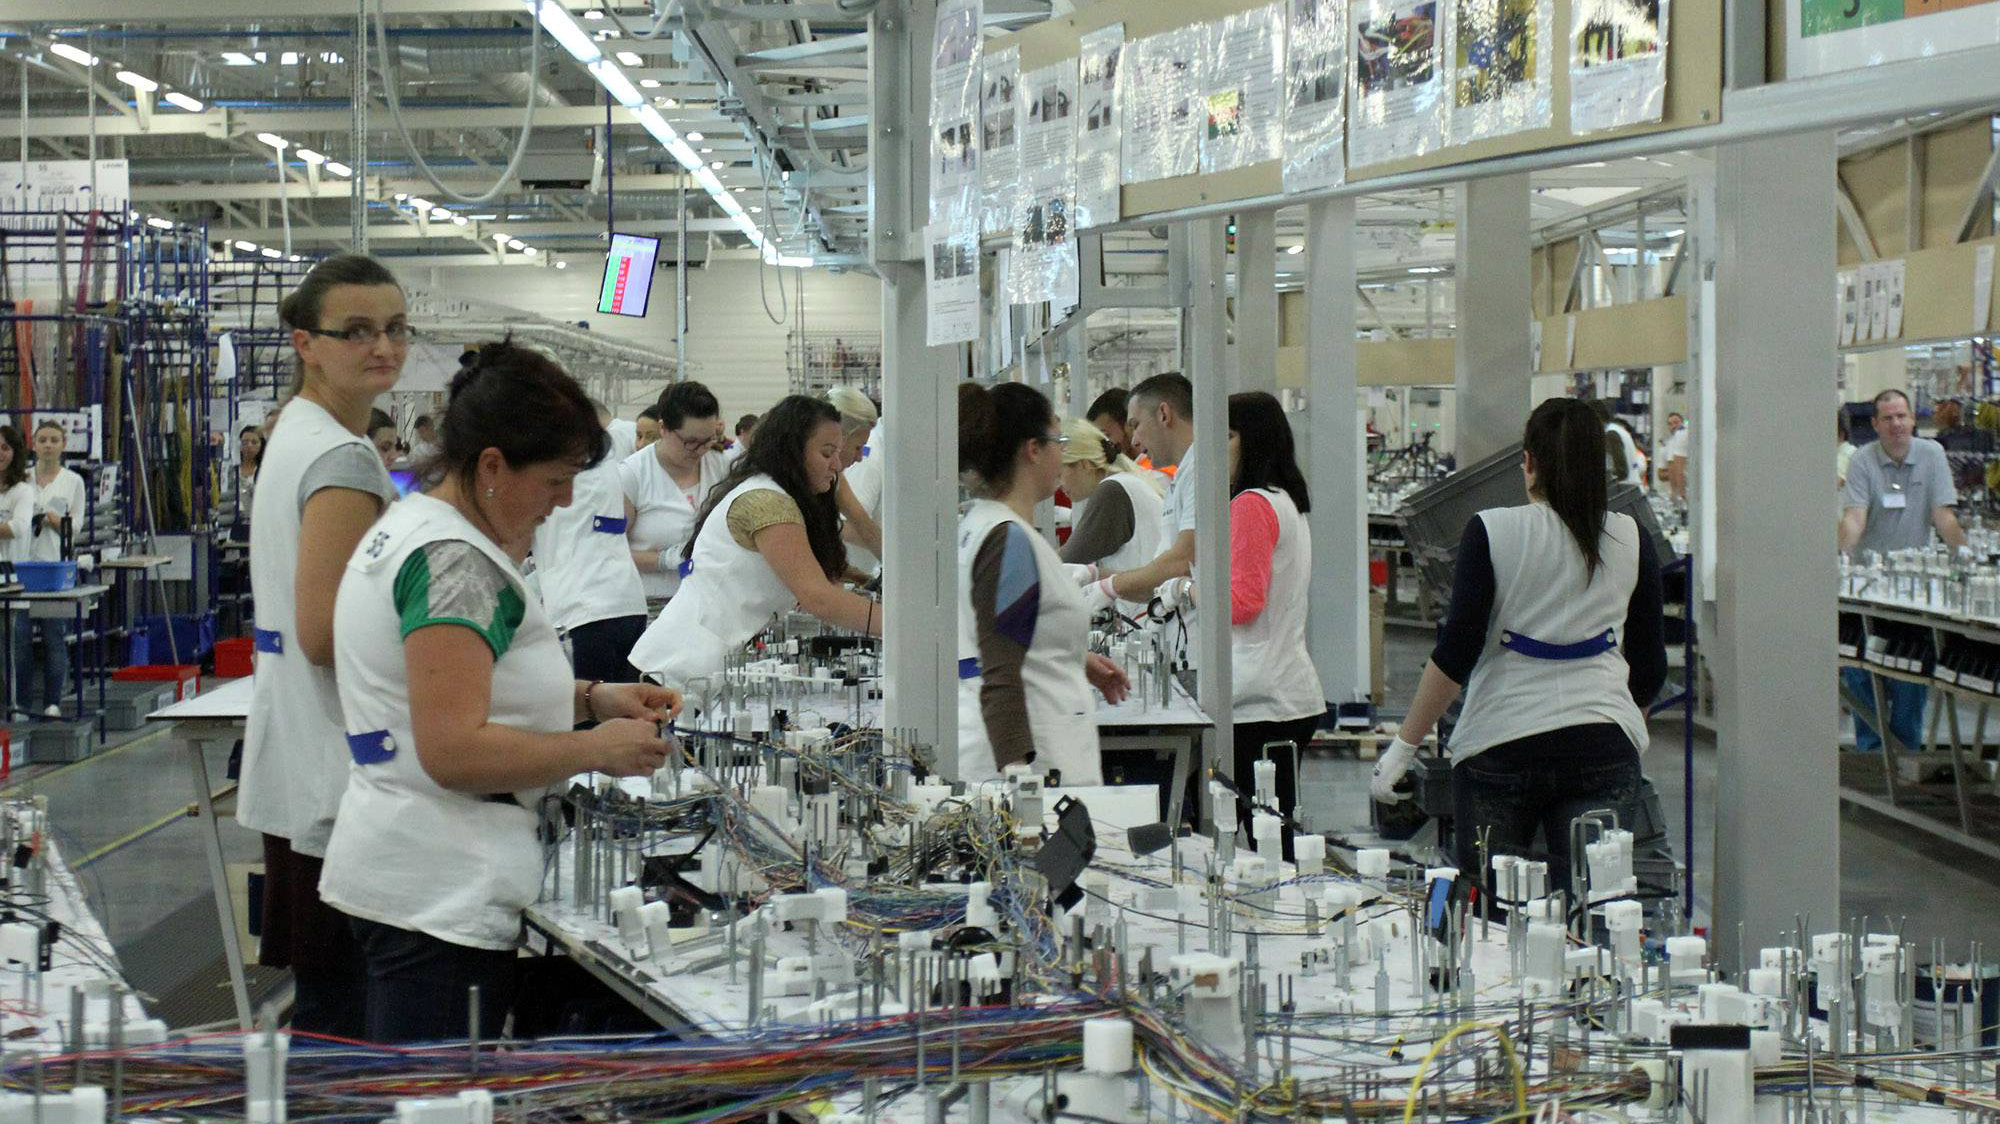 Sindikati Sloga: Ekonomija Srbije se mora prilagoditi sopstvenim, a ne tuđim potrebama 1